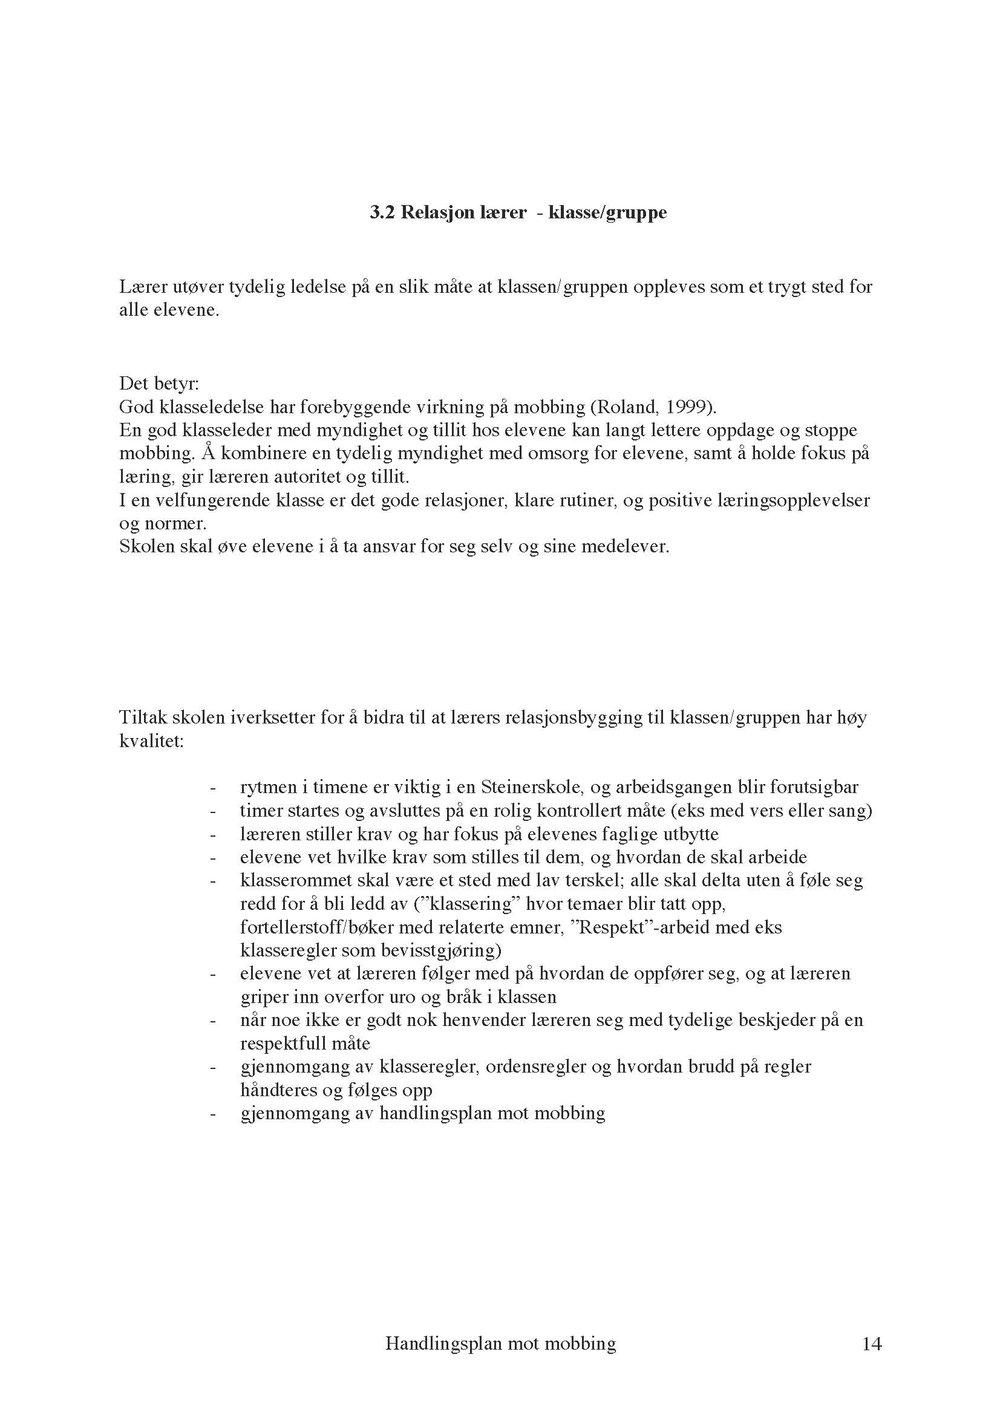 Handlingsplan mot mobbing _Page_14.jpg